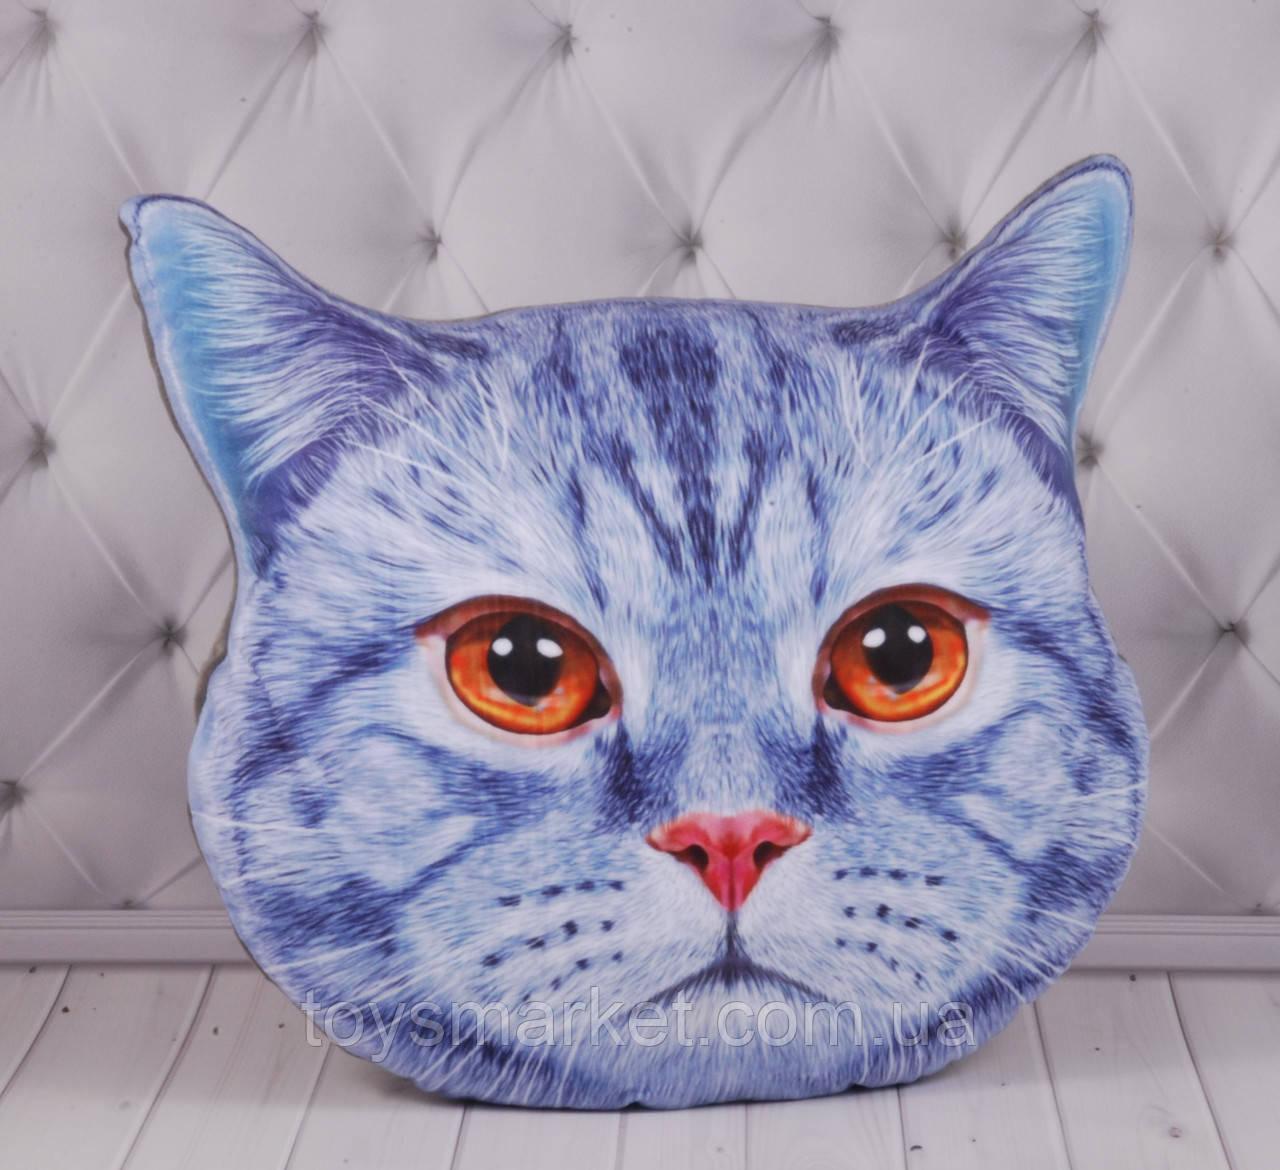 ЗД подушка Кот, с изображением, с 3D принтом, в автомобиль, в машину, для путешествий, 60 см.